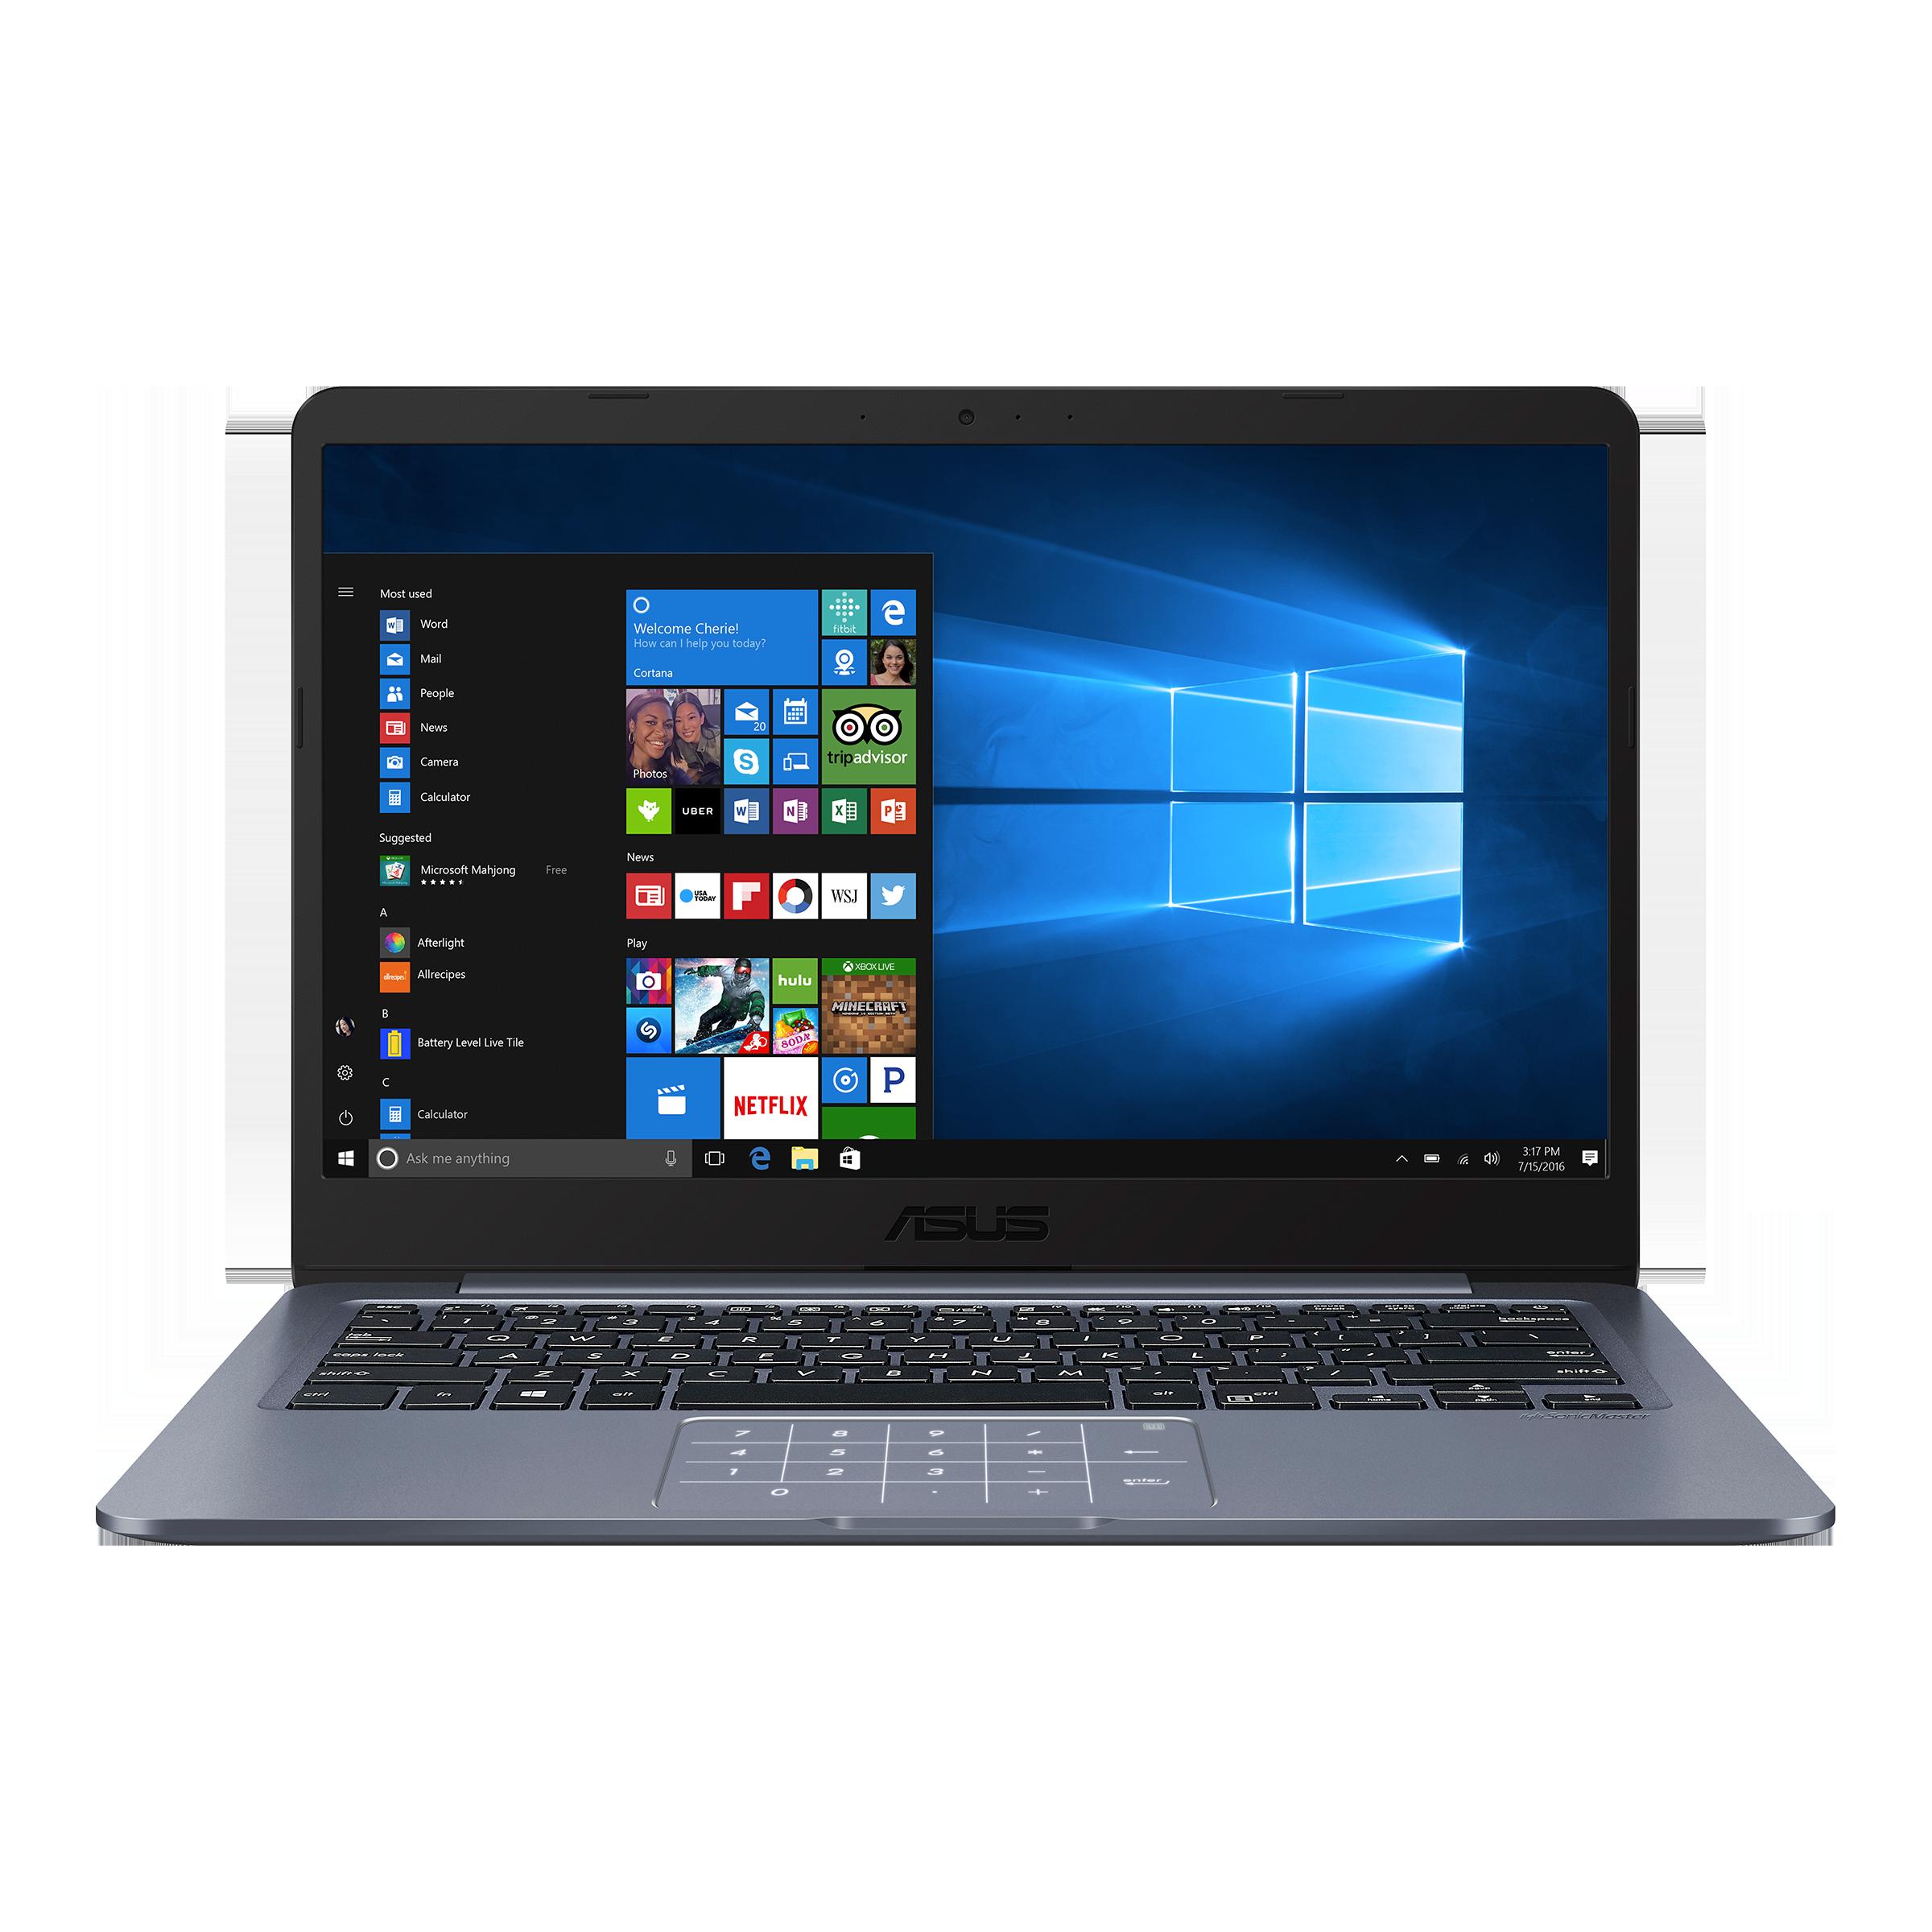 ASUS E406 laptop